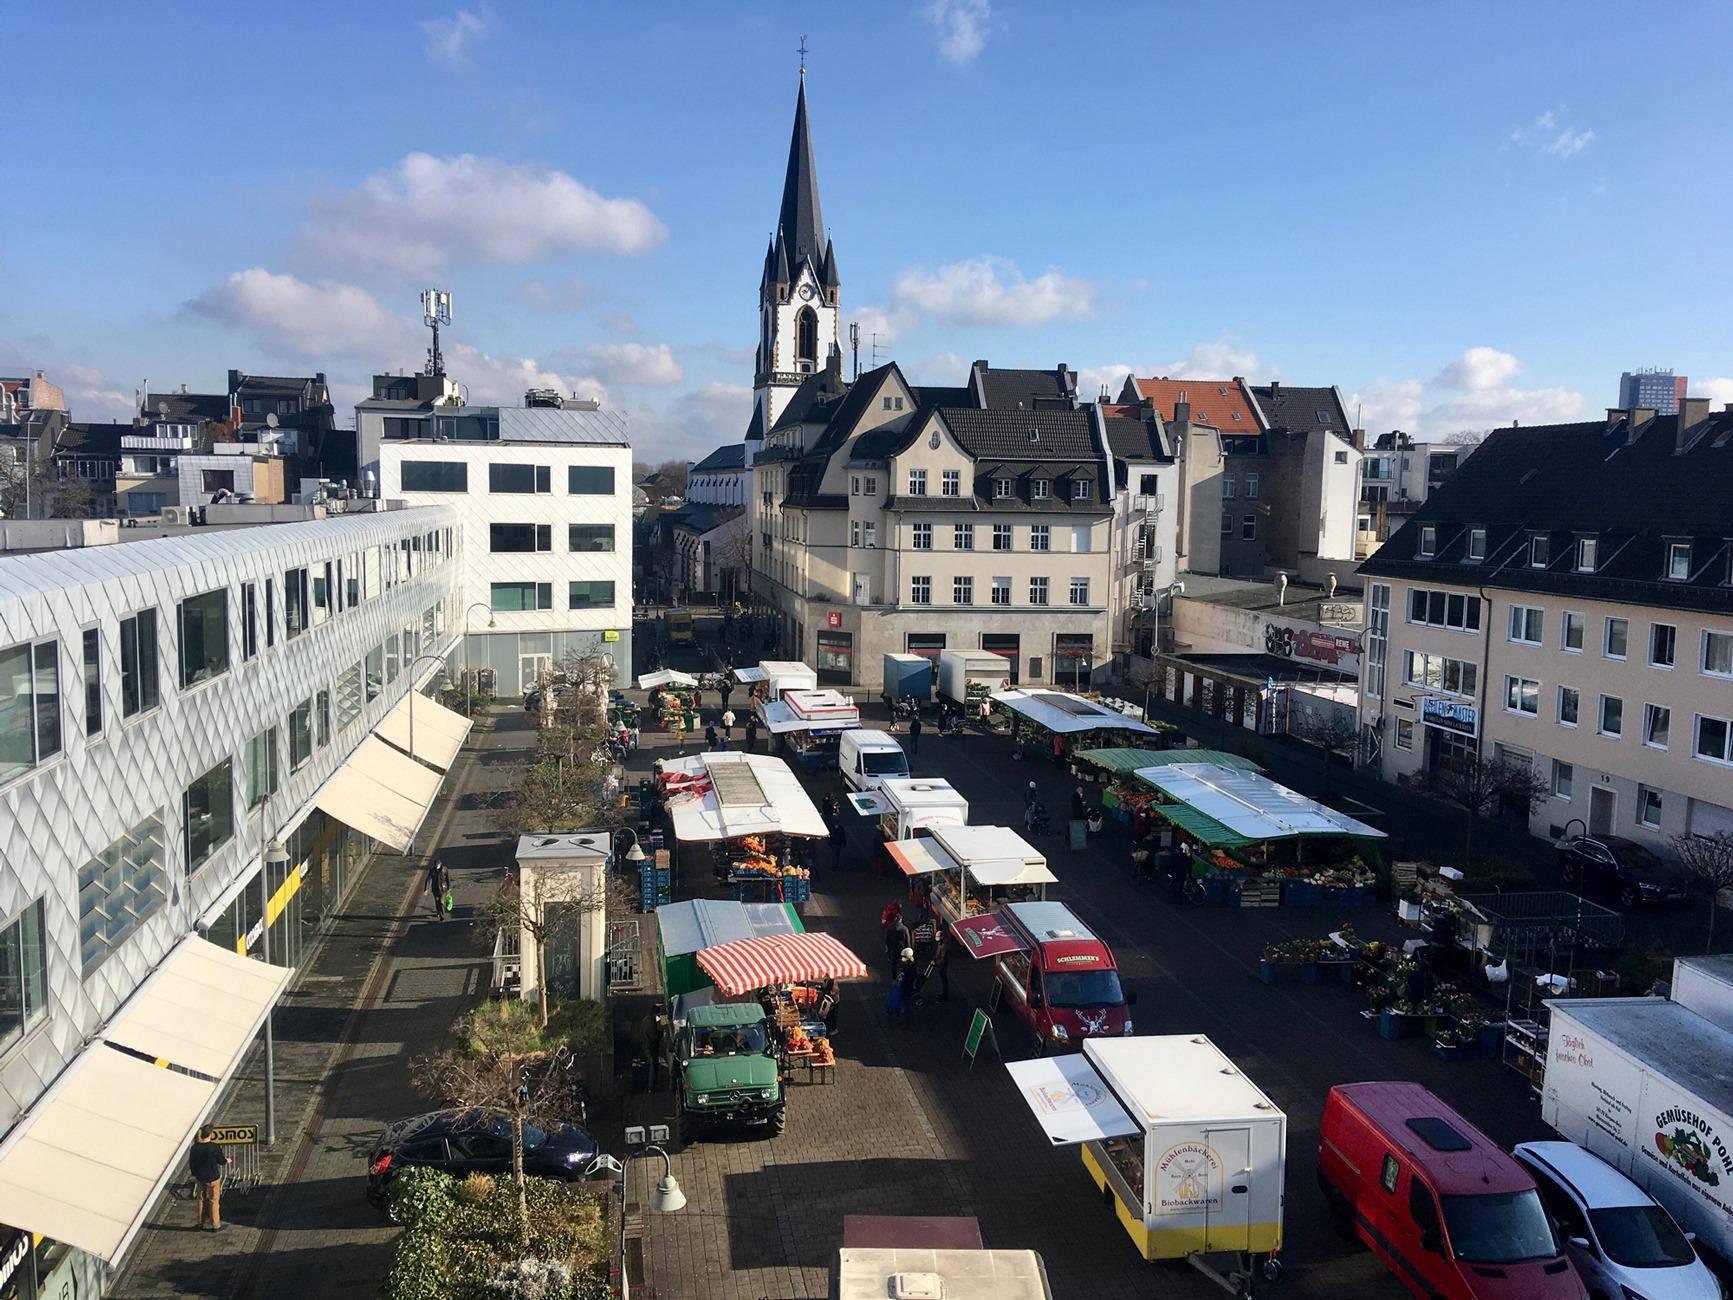 Wochenmarkt auf dem Neptunplatz, jeden Freitag, Blick aus dem Neptunbad